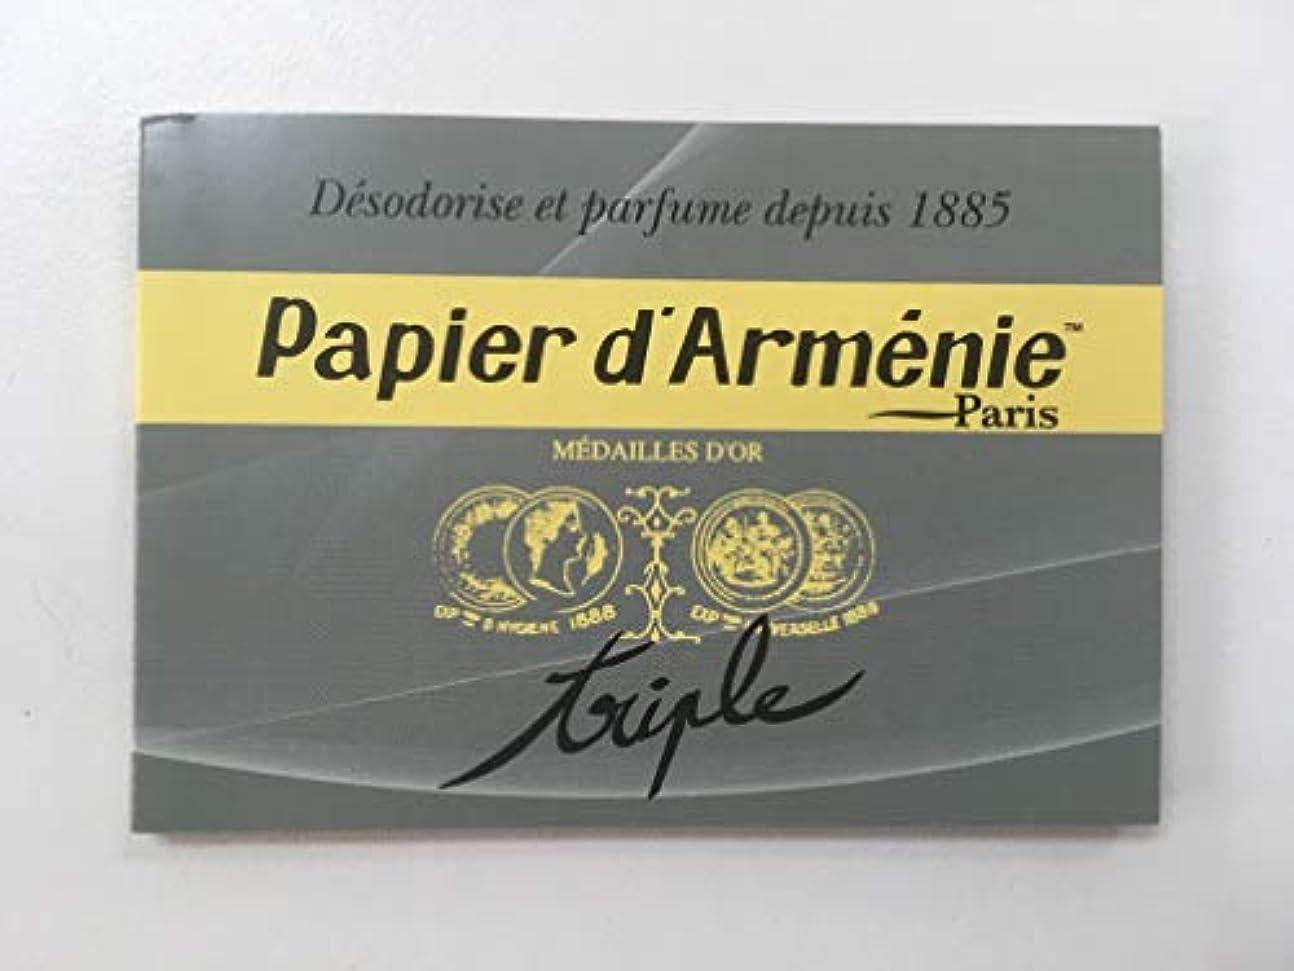 スリップシューズ同種の慎重に紙のお香パピエダルメニイ(papier d'armenie)